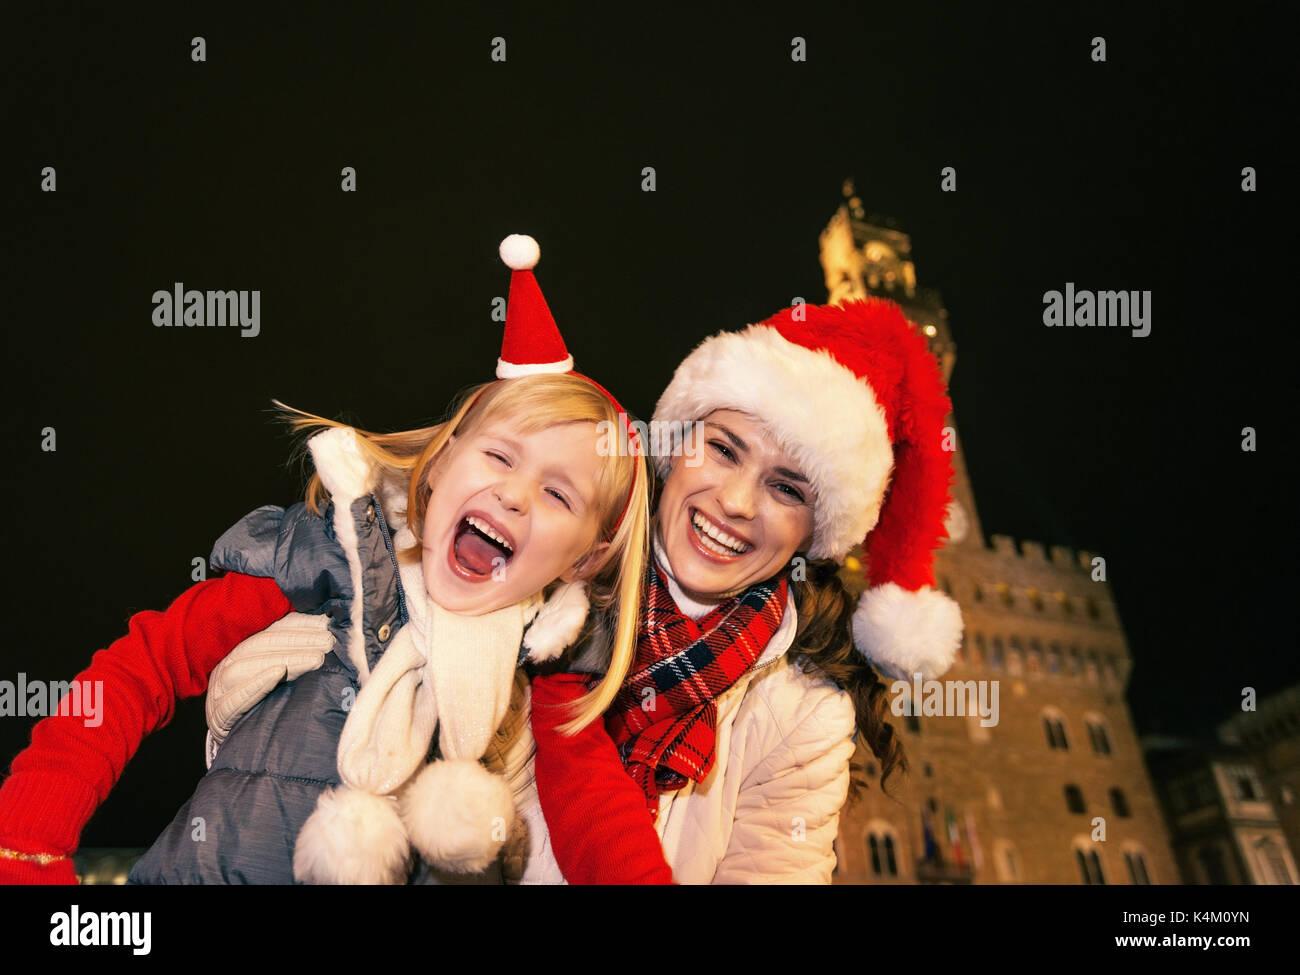 Viaggio pieno di ispirazione al tempo di Natale a Firenze. Ritratto di  Allegro giovane madre 711c9cd1a5fd